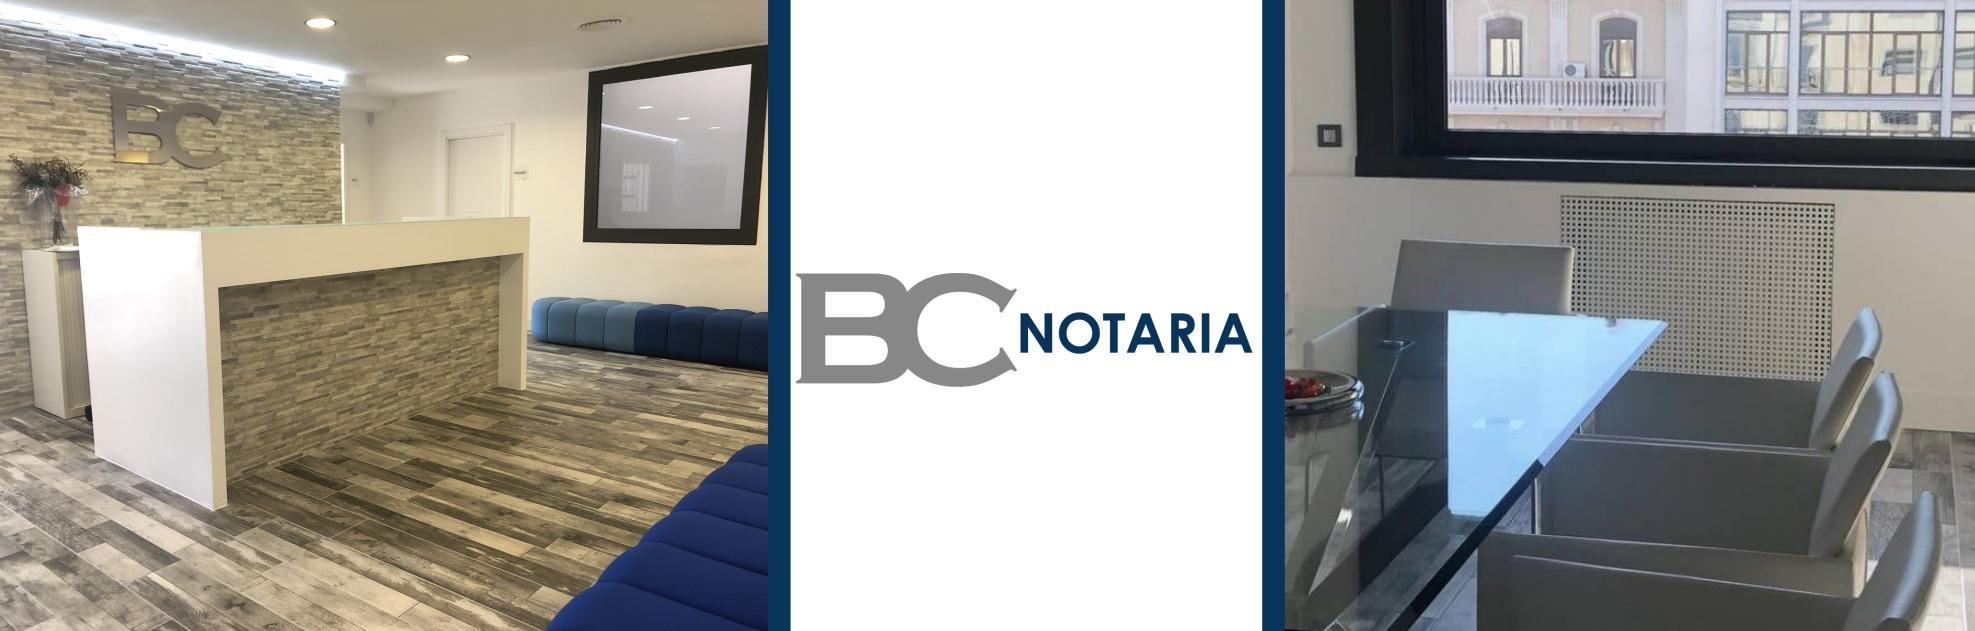 Bc Notaria